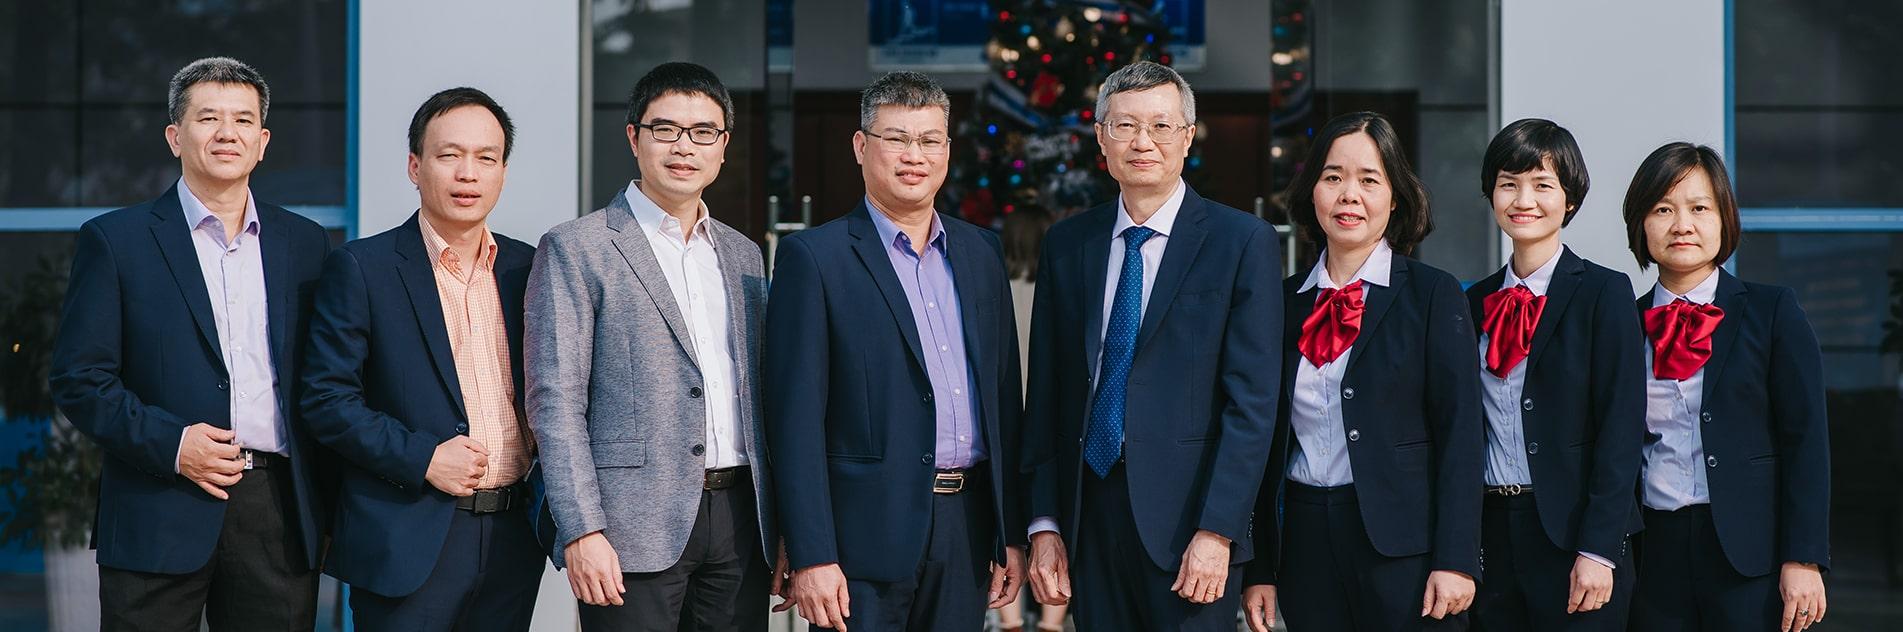 Tập thể Cán bộ Viện phát triển bền vững